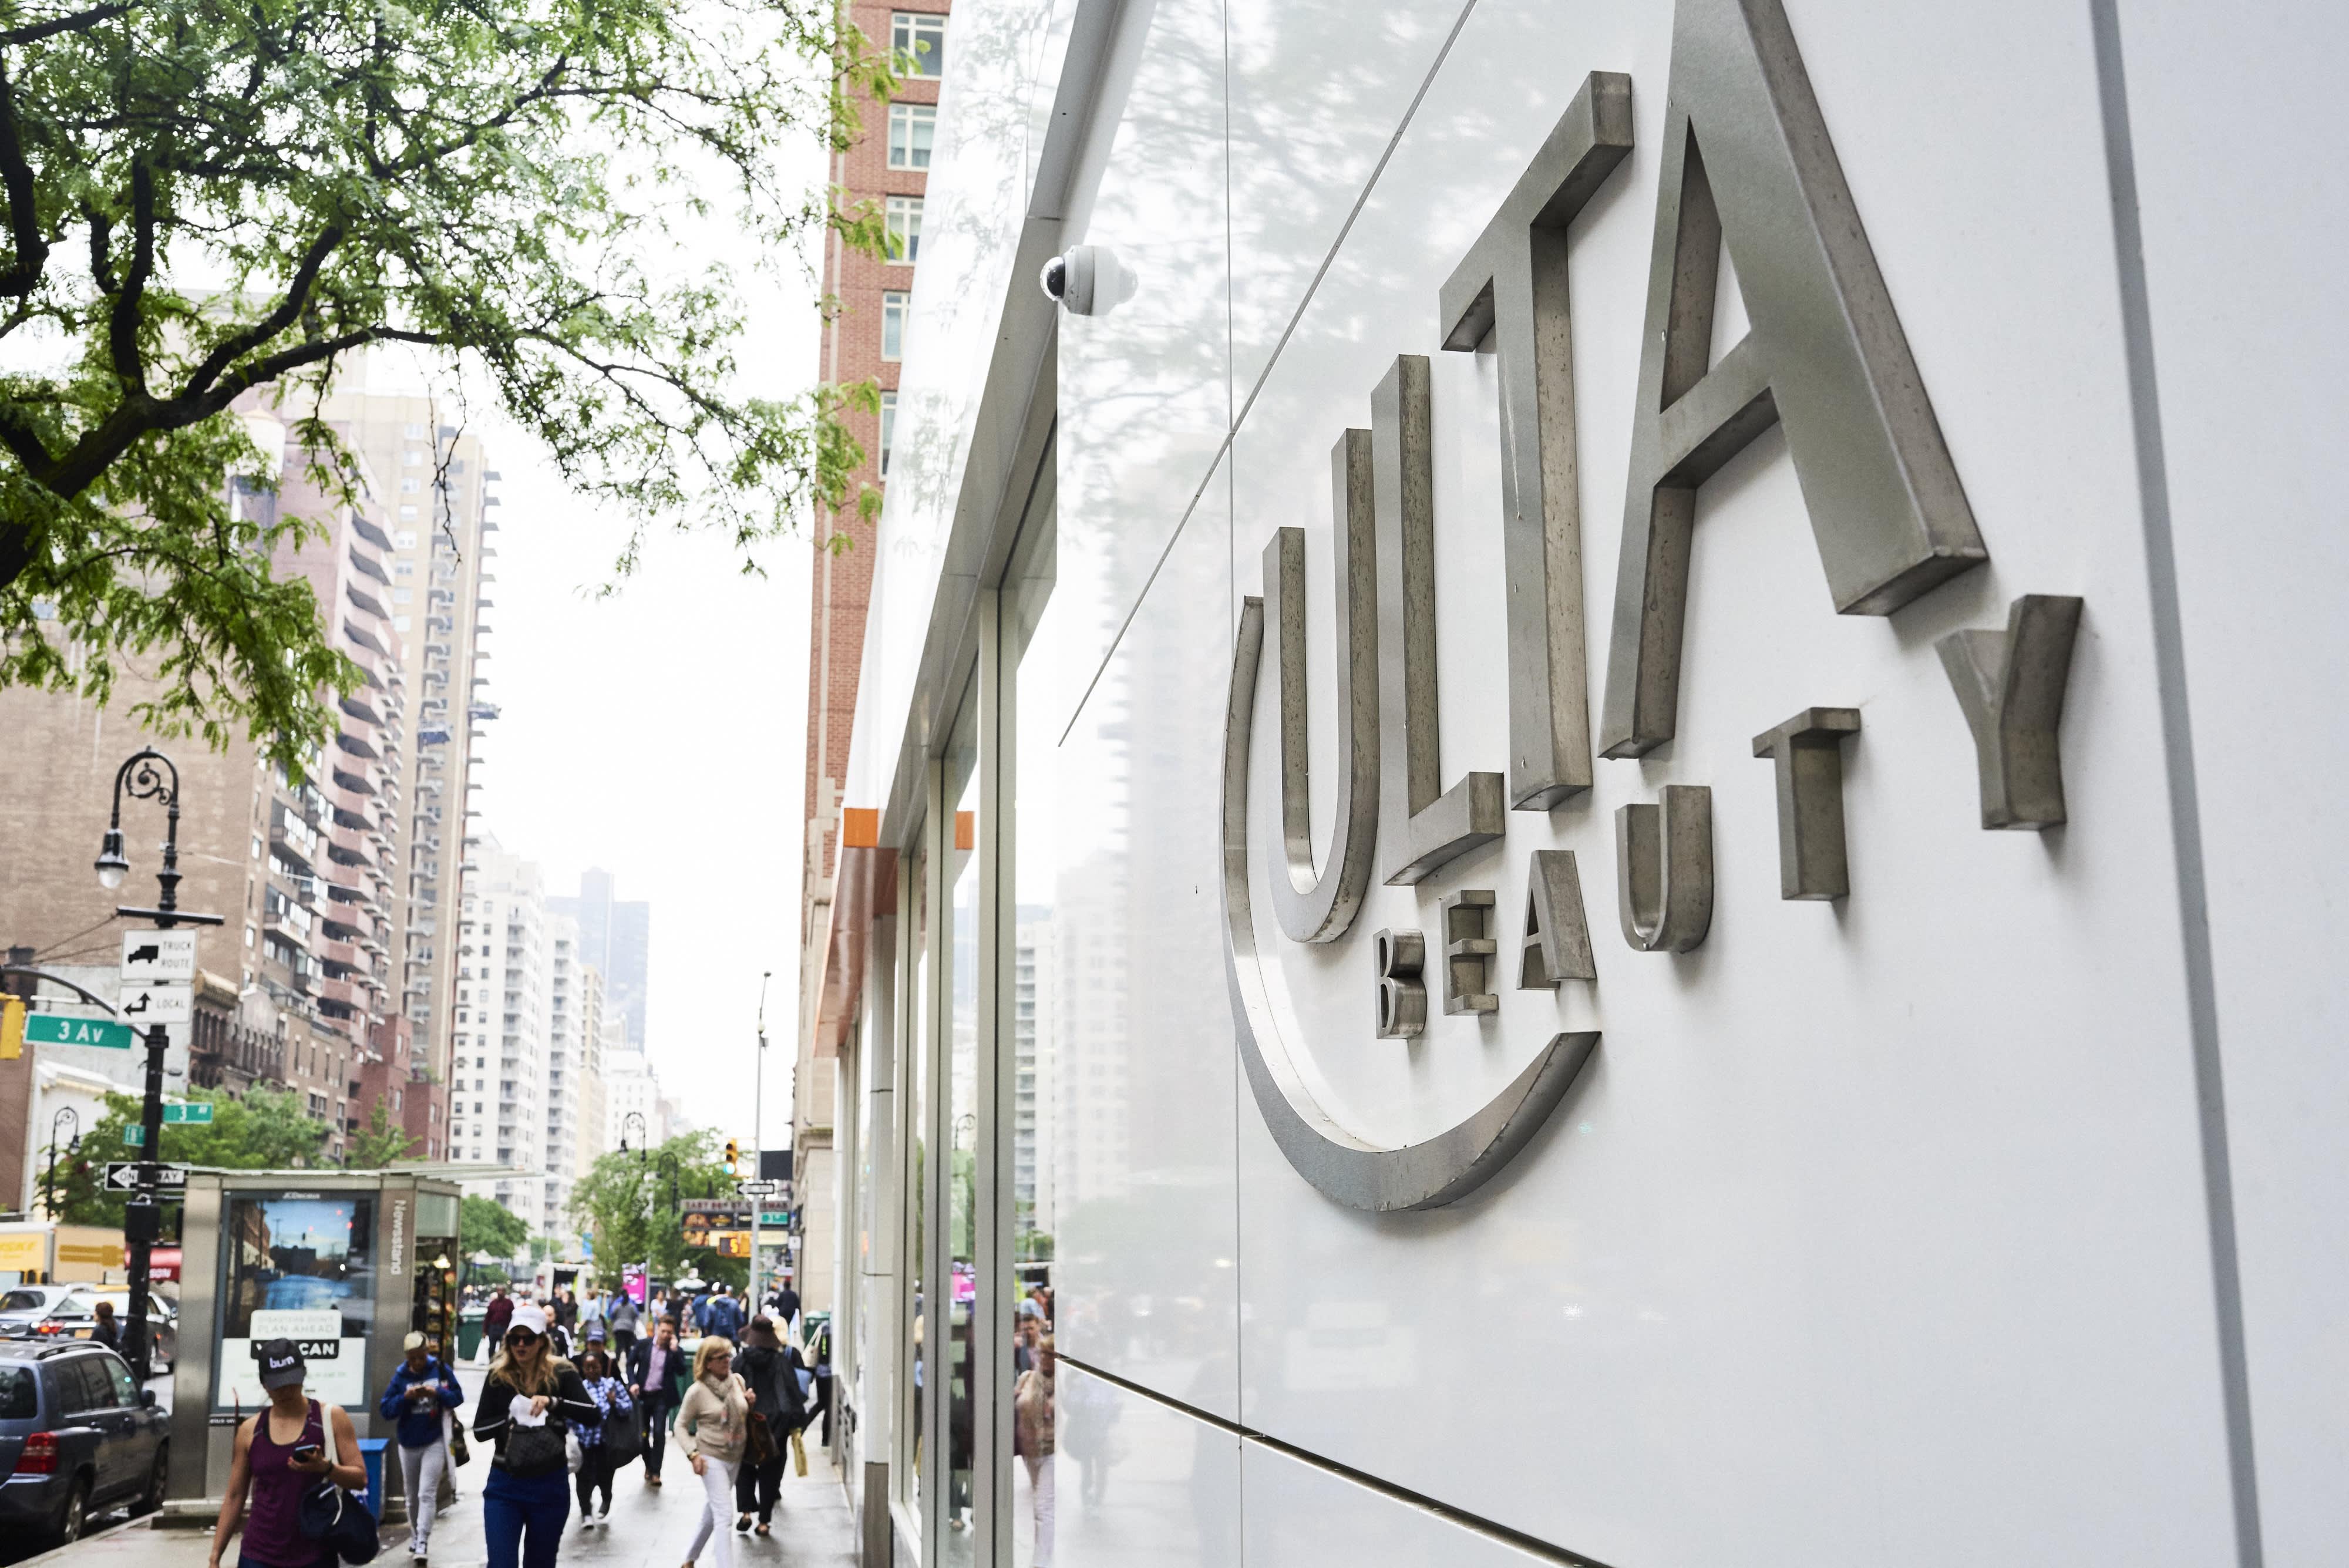 Cómo los grandes almacenes perdieron su influencia en la industria de la belleza ante Ulta, el comercio electrónico y las personas influyentes thumbnail